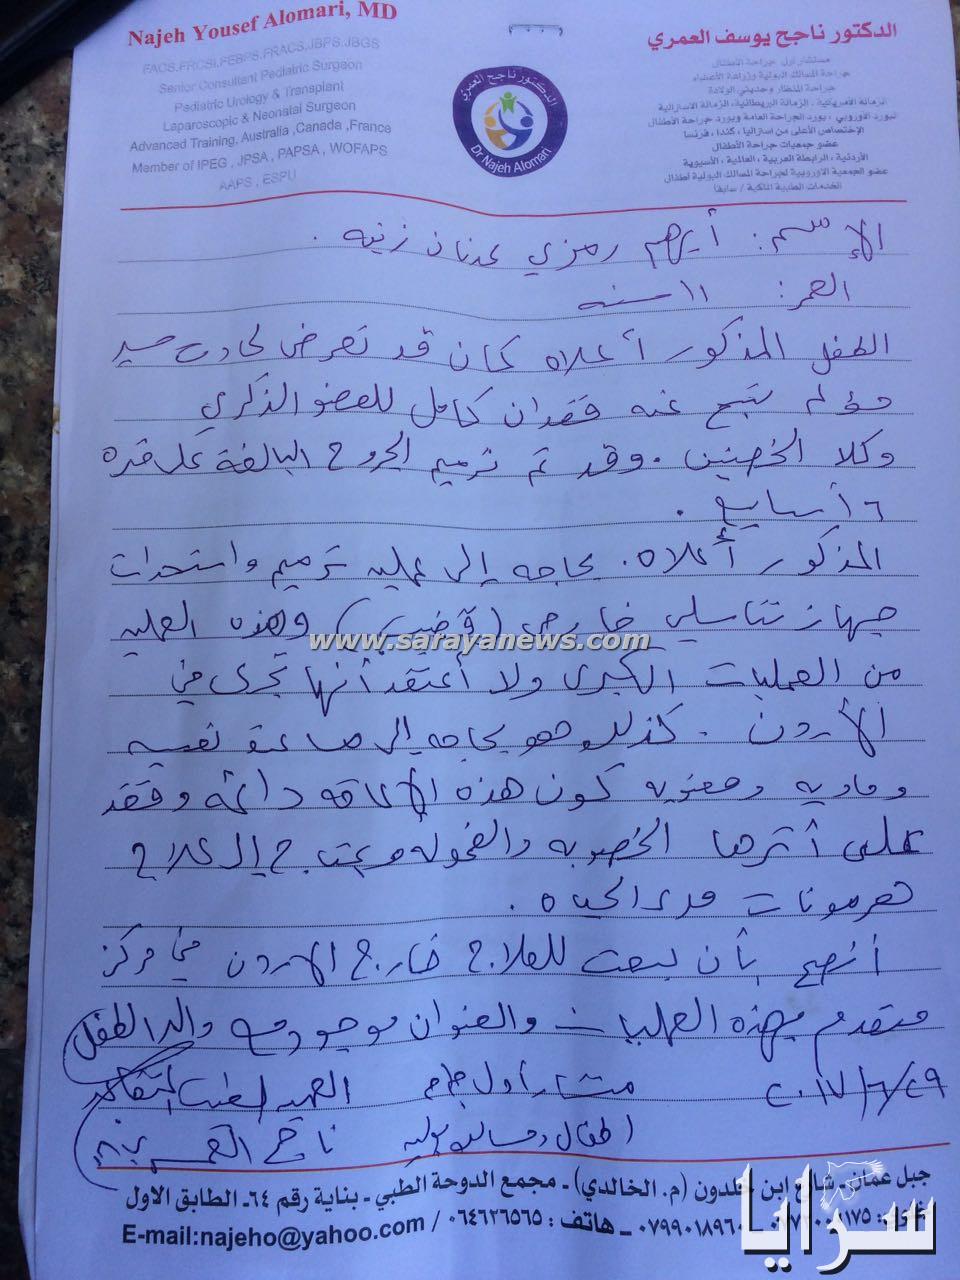 بالوثائق .. طفل فقد اعضاؤه التناسلية يناشد اهل الخير لعلاجه